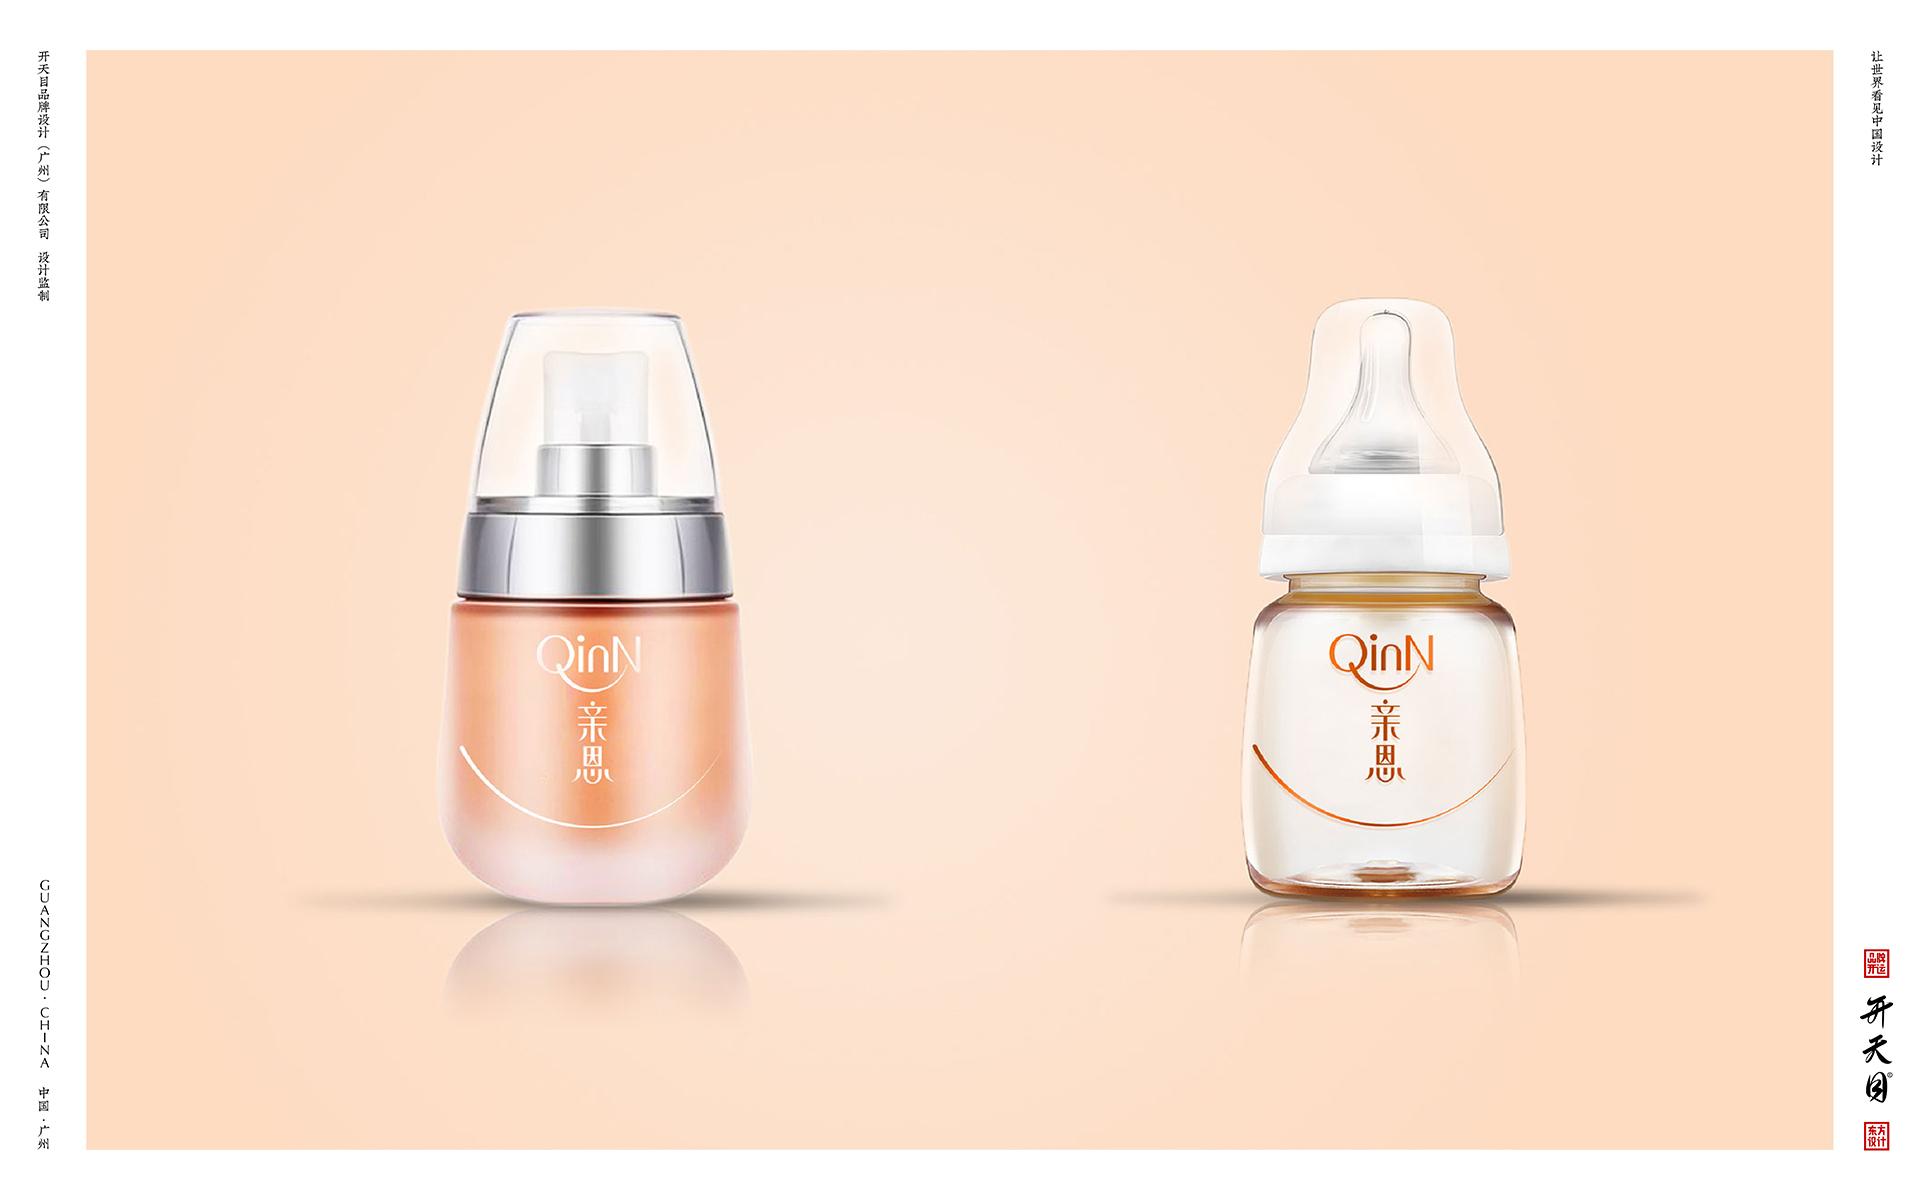 母婴护肤品品牌设计logo vi简约温柔